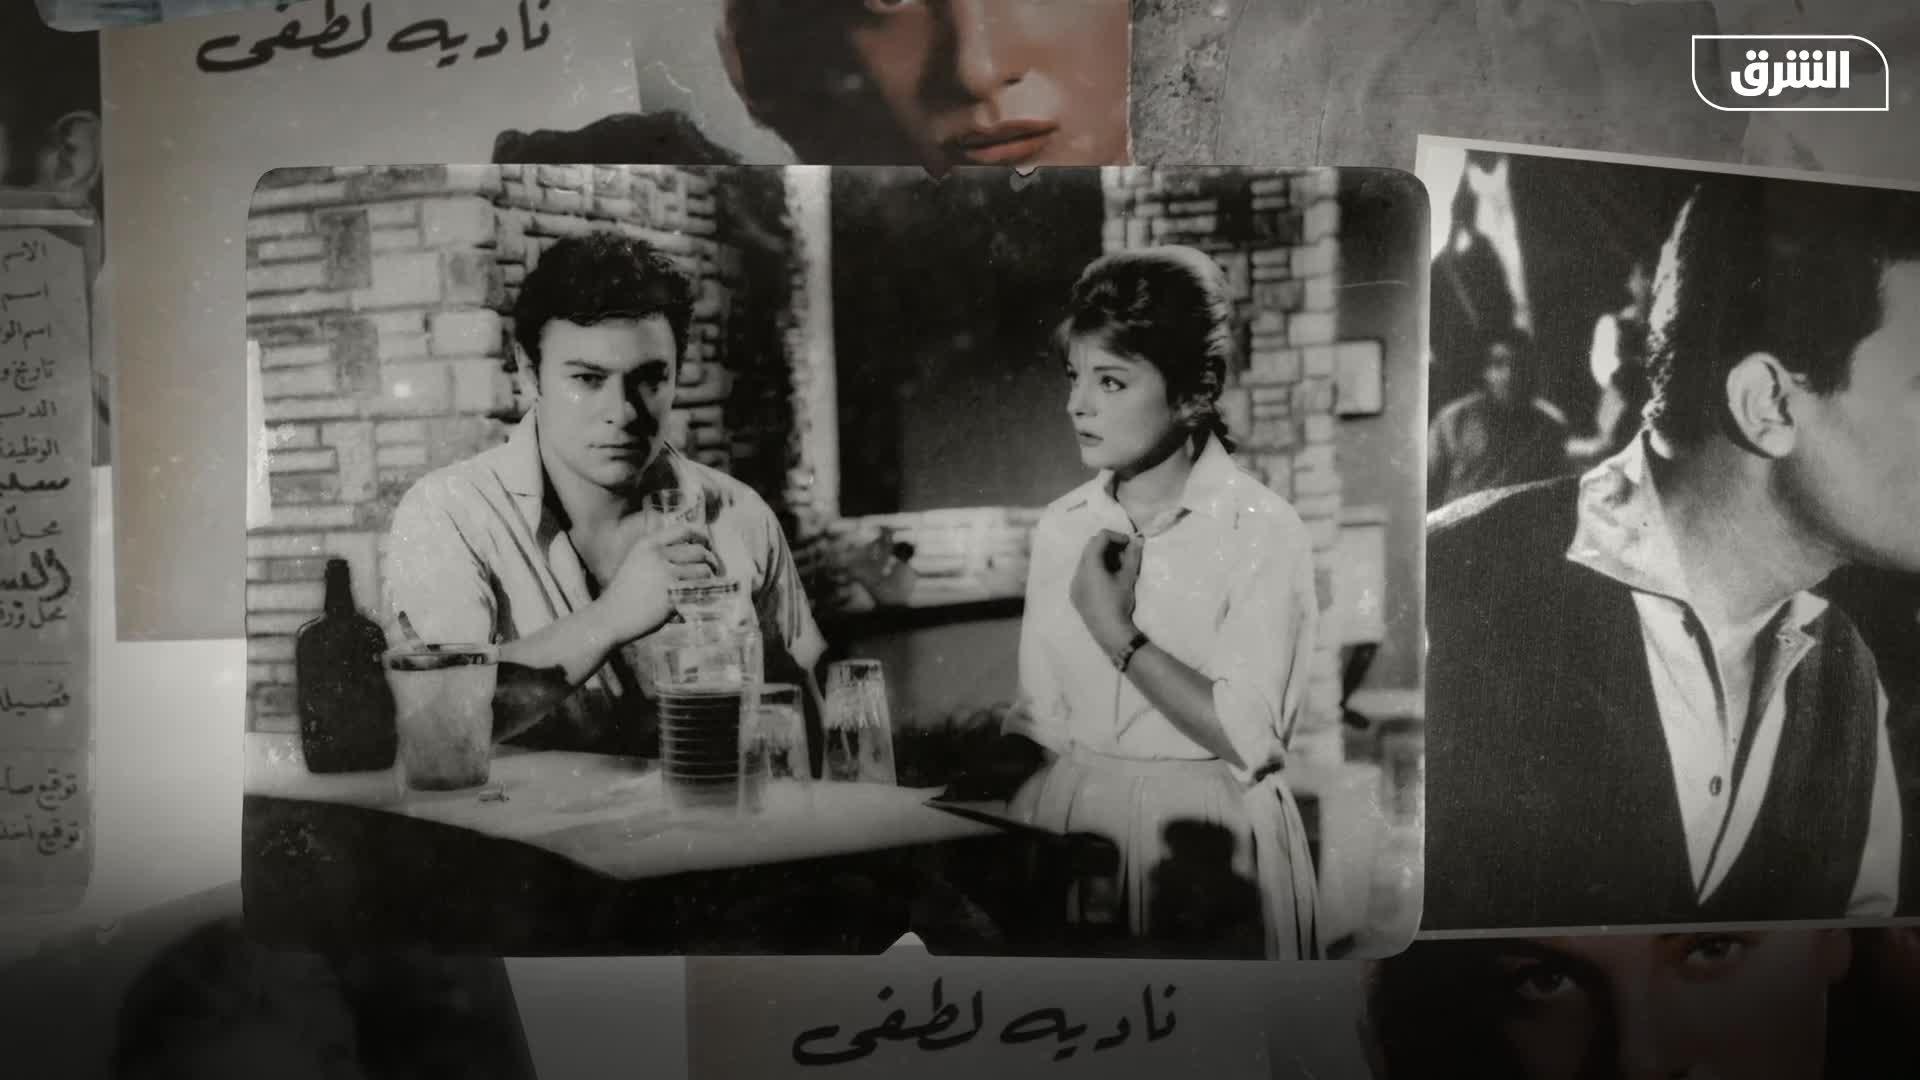 اسمي بولا - مذكرات الفنانة نادية لطفي- ح1